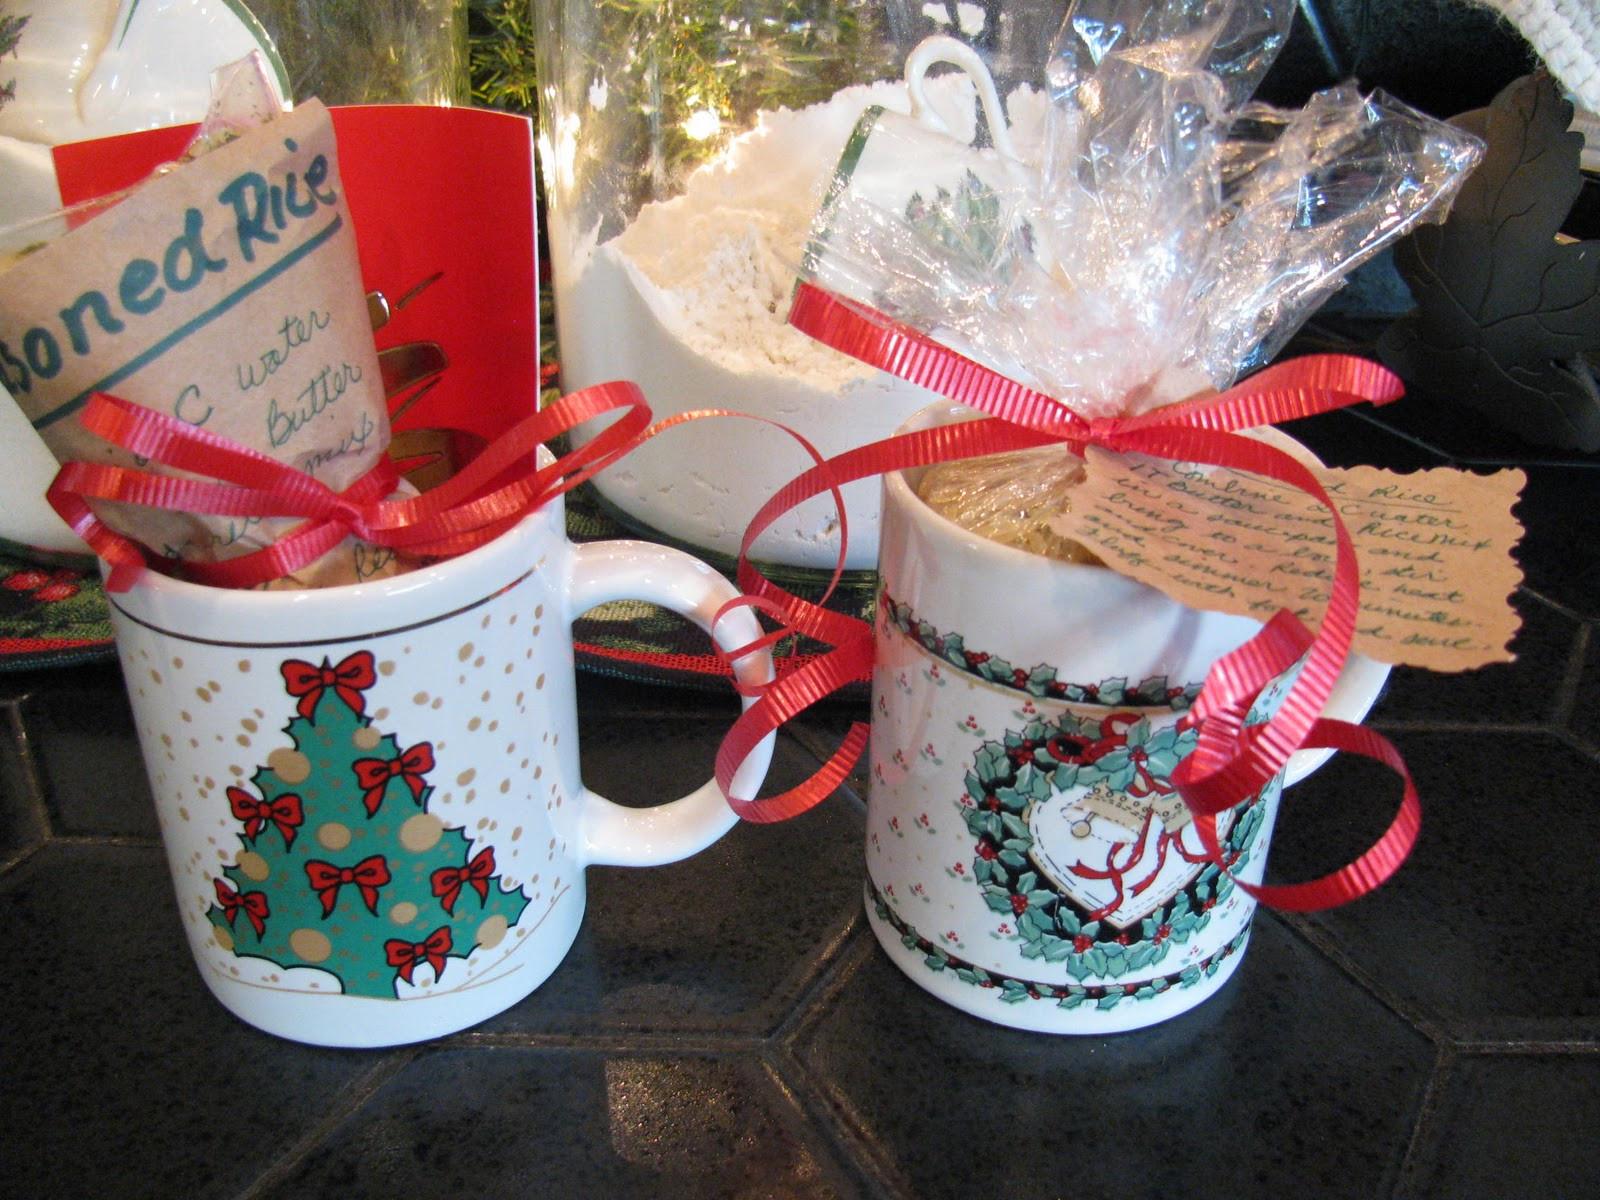 Christmas Mug Gift Ideas  MAY DAYS Christmas Mug Gifts